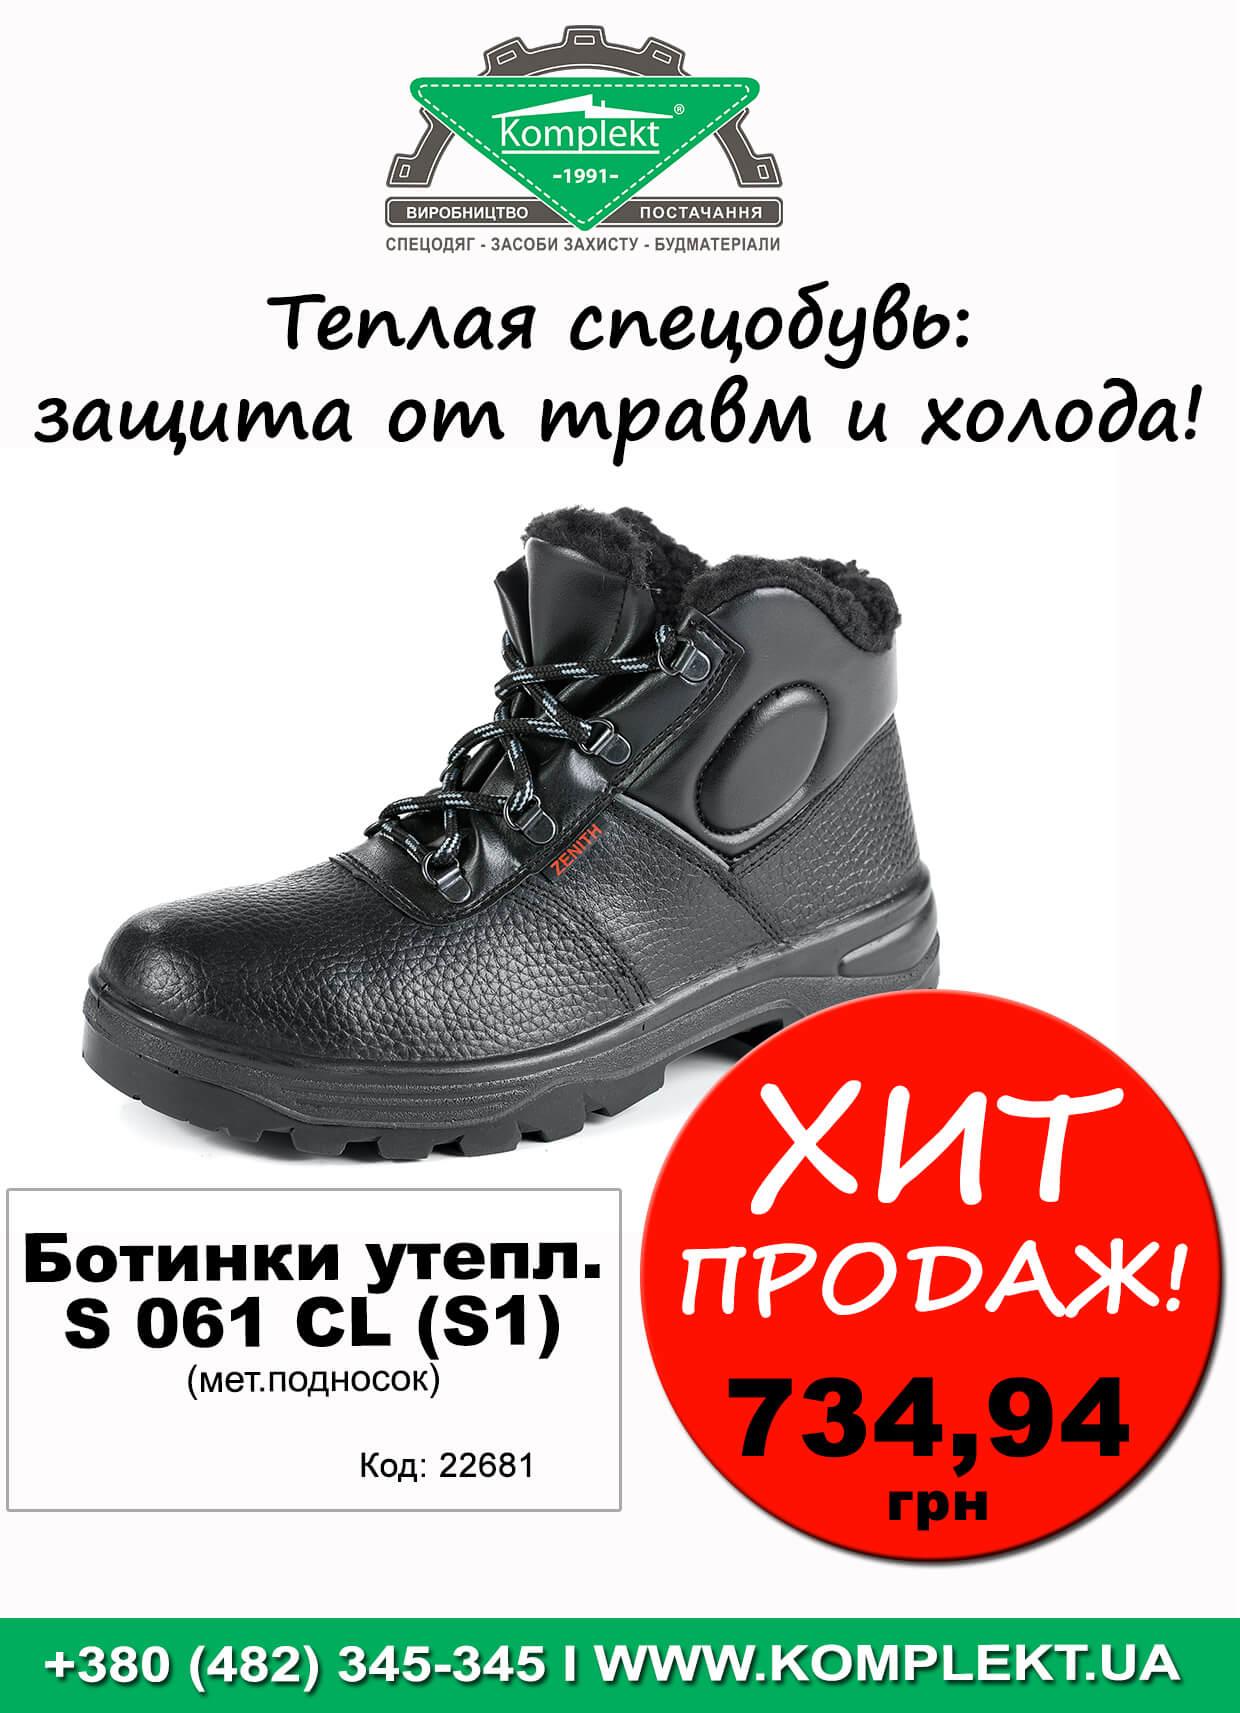 ботинки с мет подноском